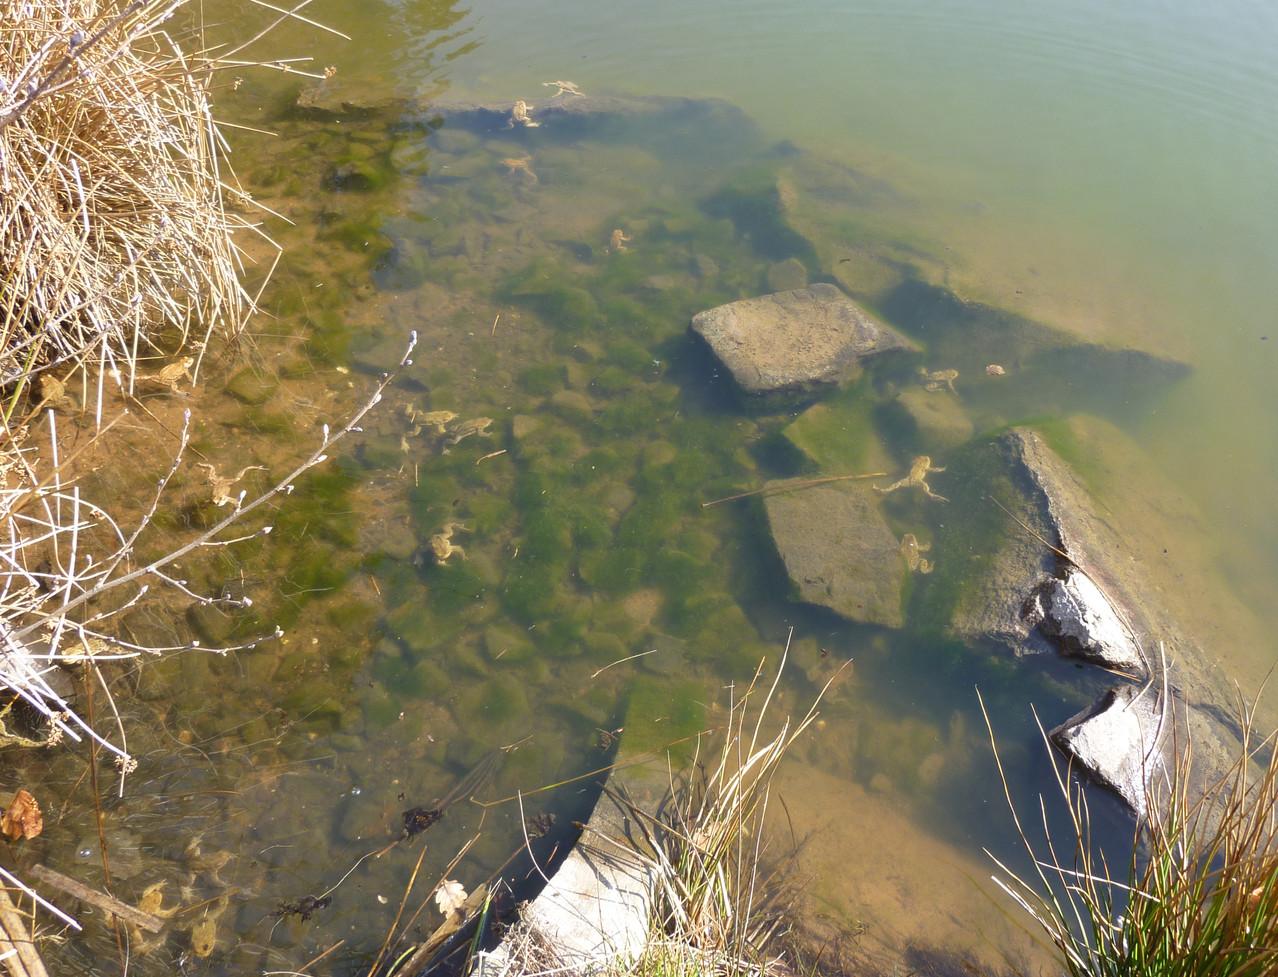 Erdkröten sammeln sich im Wasser - Ruth Wölke